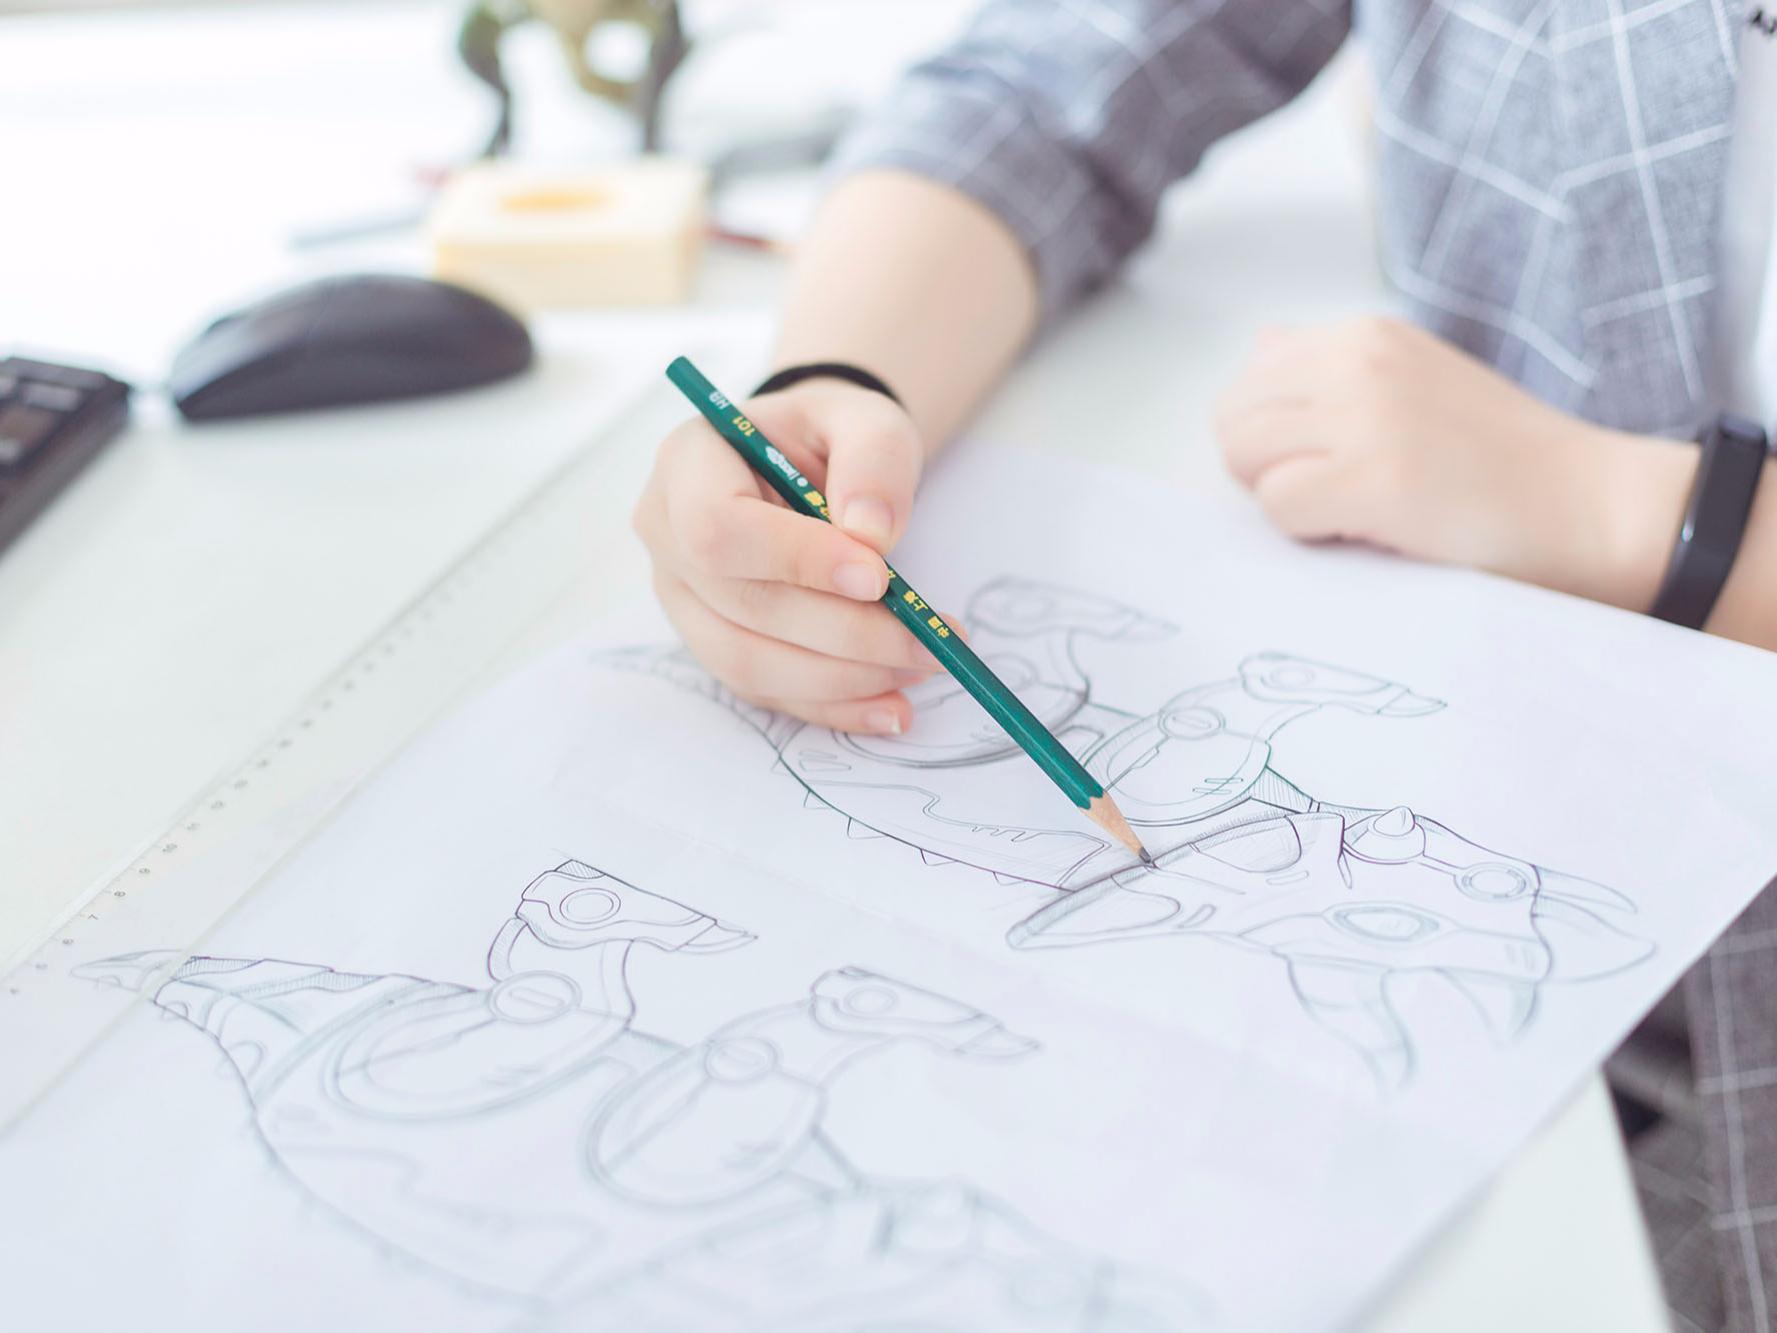 高性价比的玩具外观设计,源于专业的设计公司!